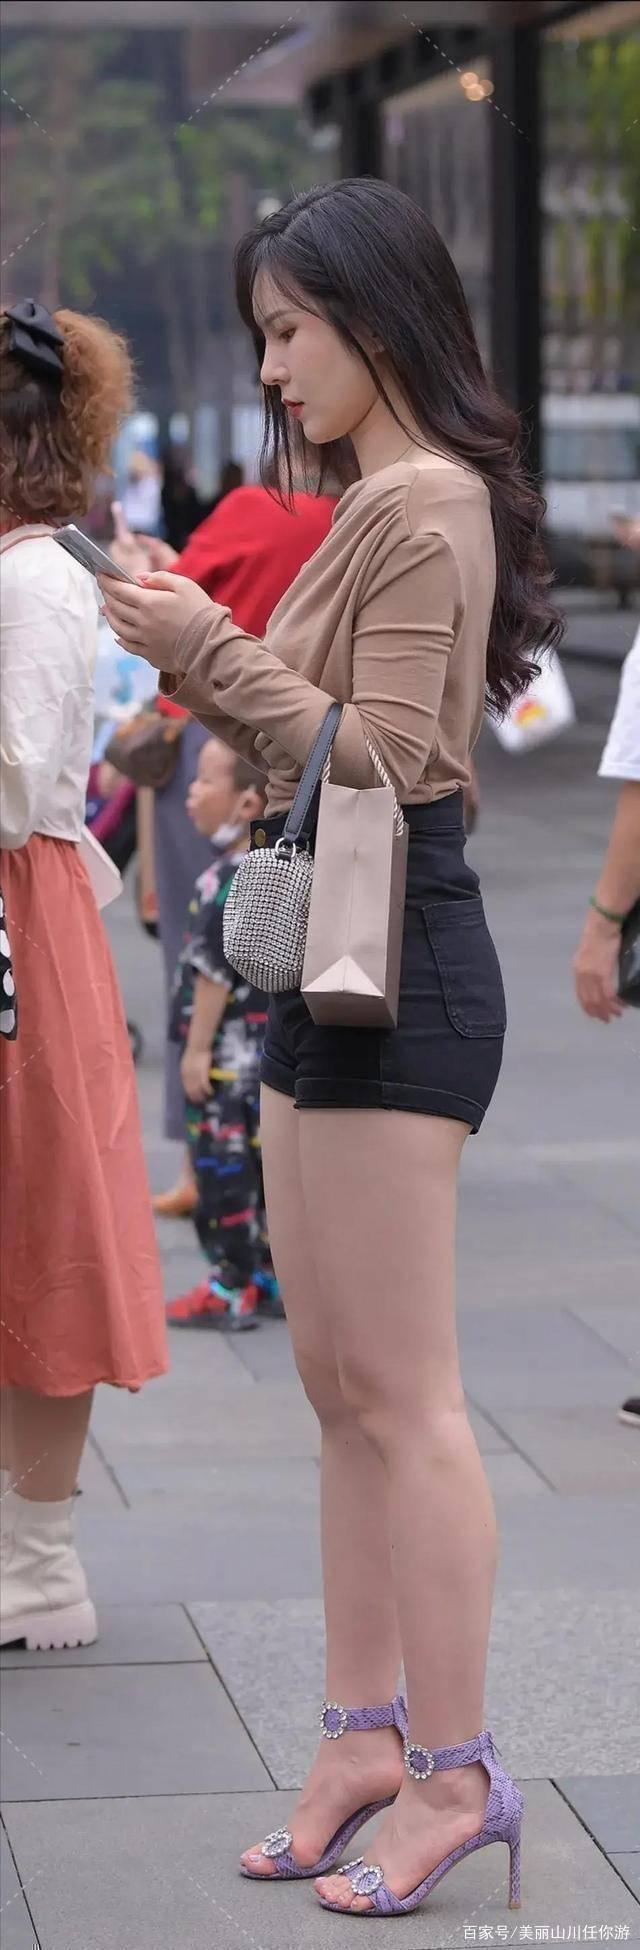 风格独特的打底裤展现别样的青春活力,简约也是一种美,精致十足